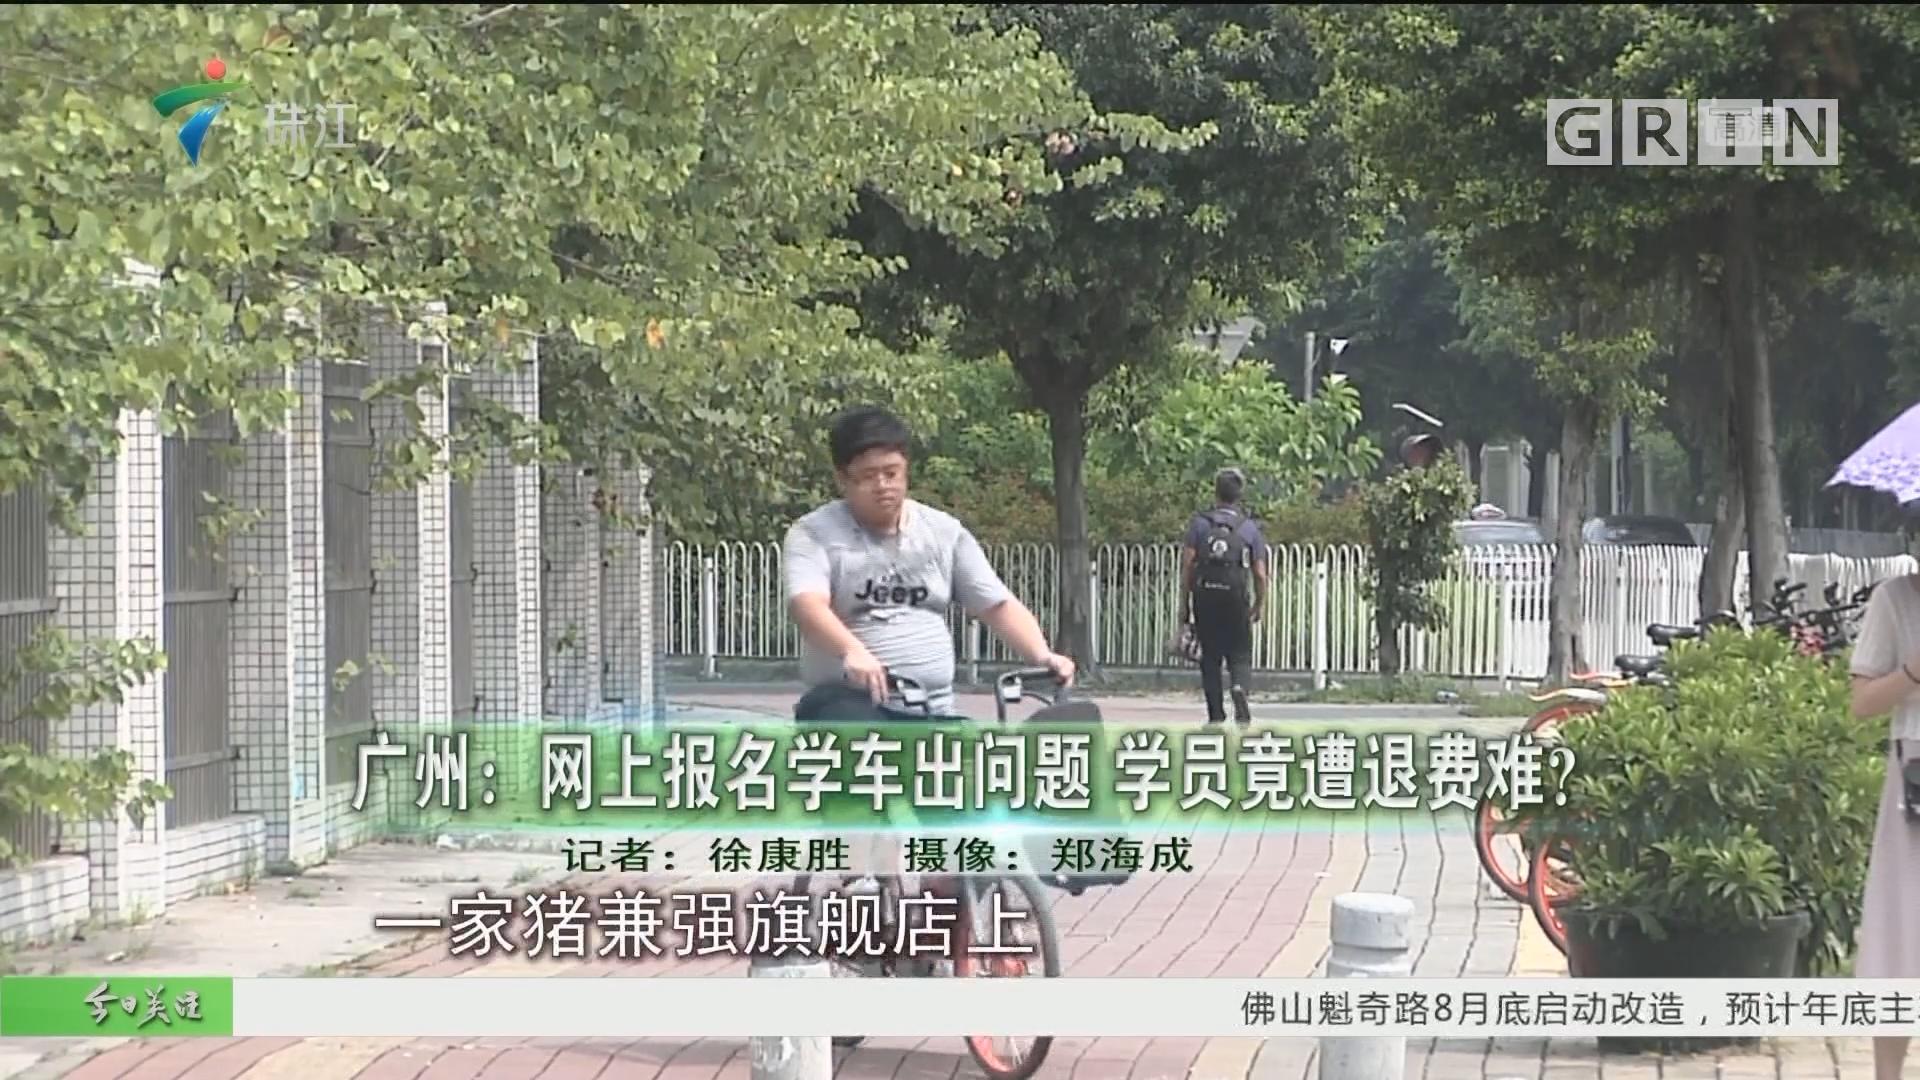 广州:网上报名学车出问题 学员竟遭退费难?